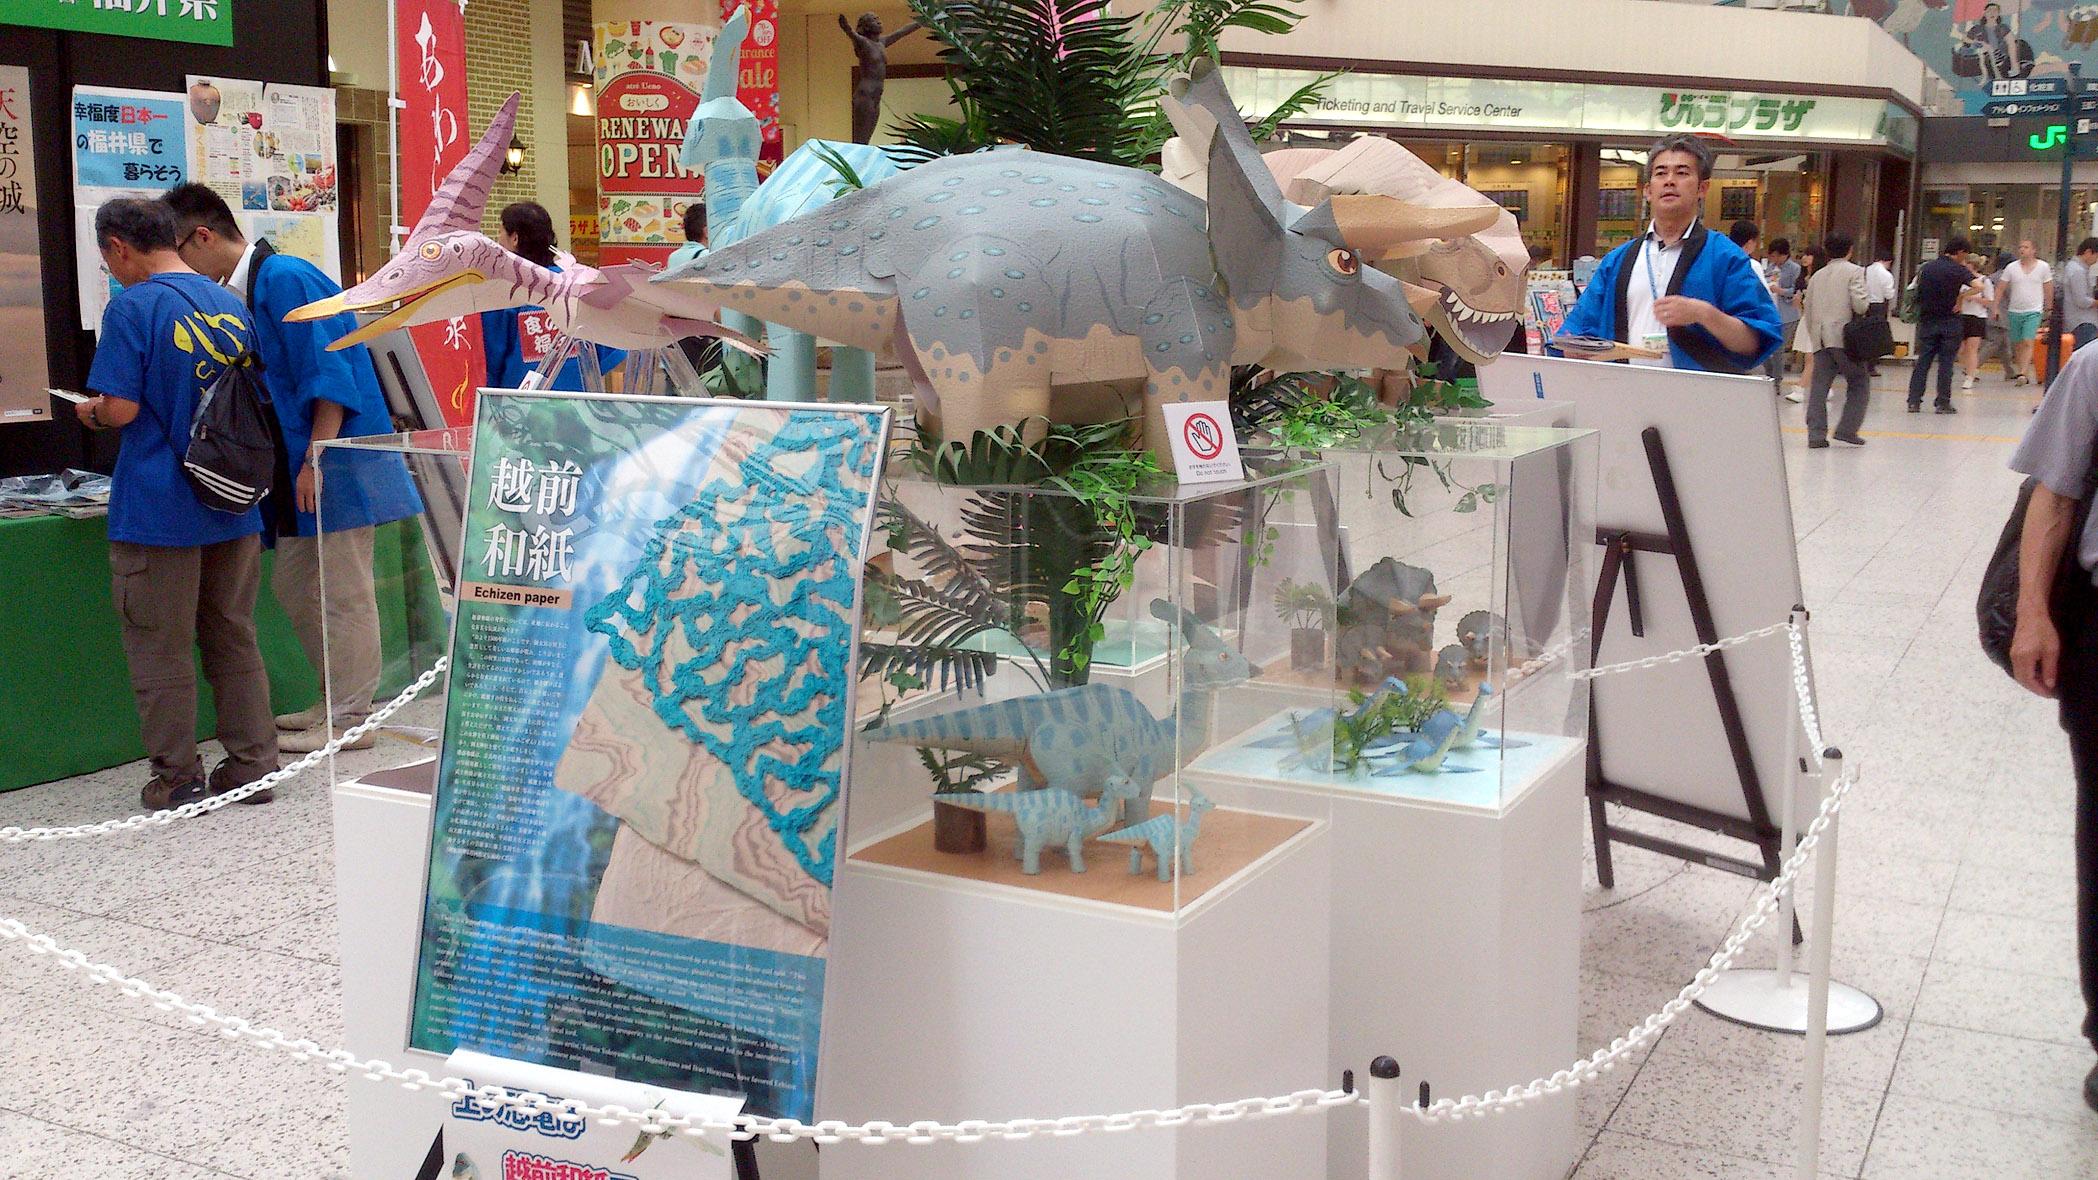 福井県が出展する「越前和紙恐竜」=昨年7月、JR上野駅